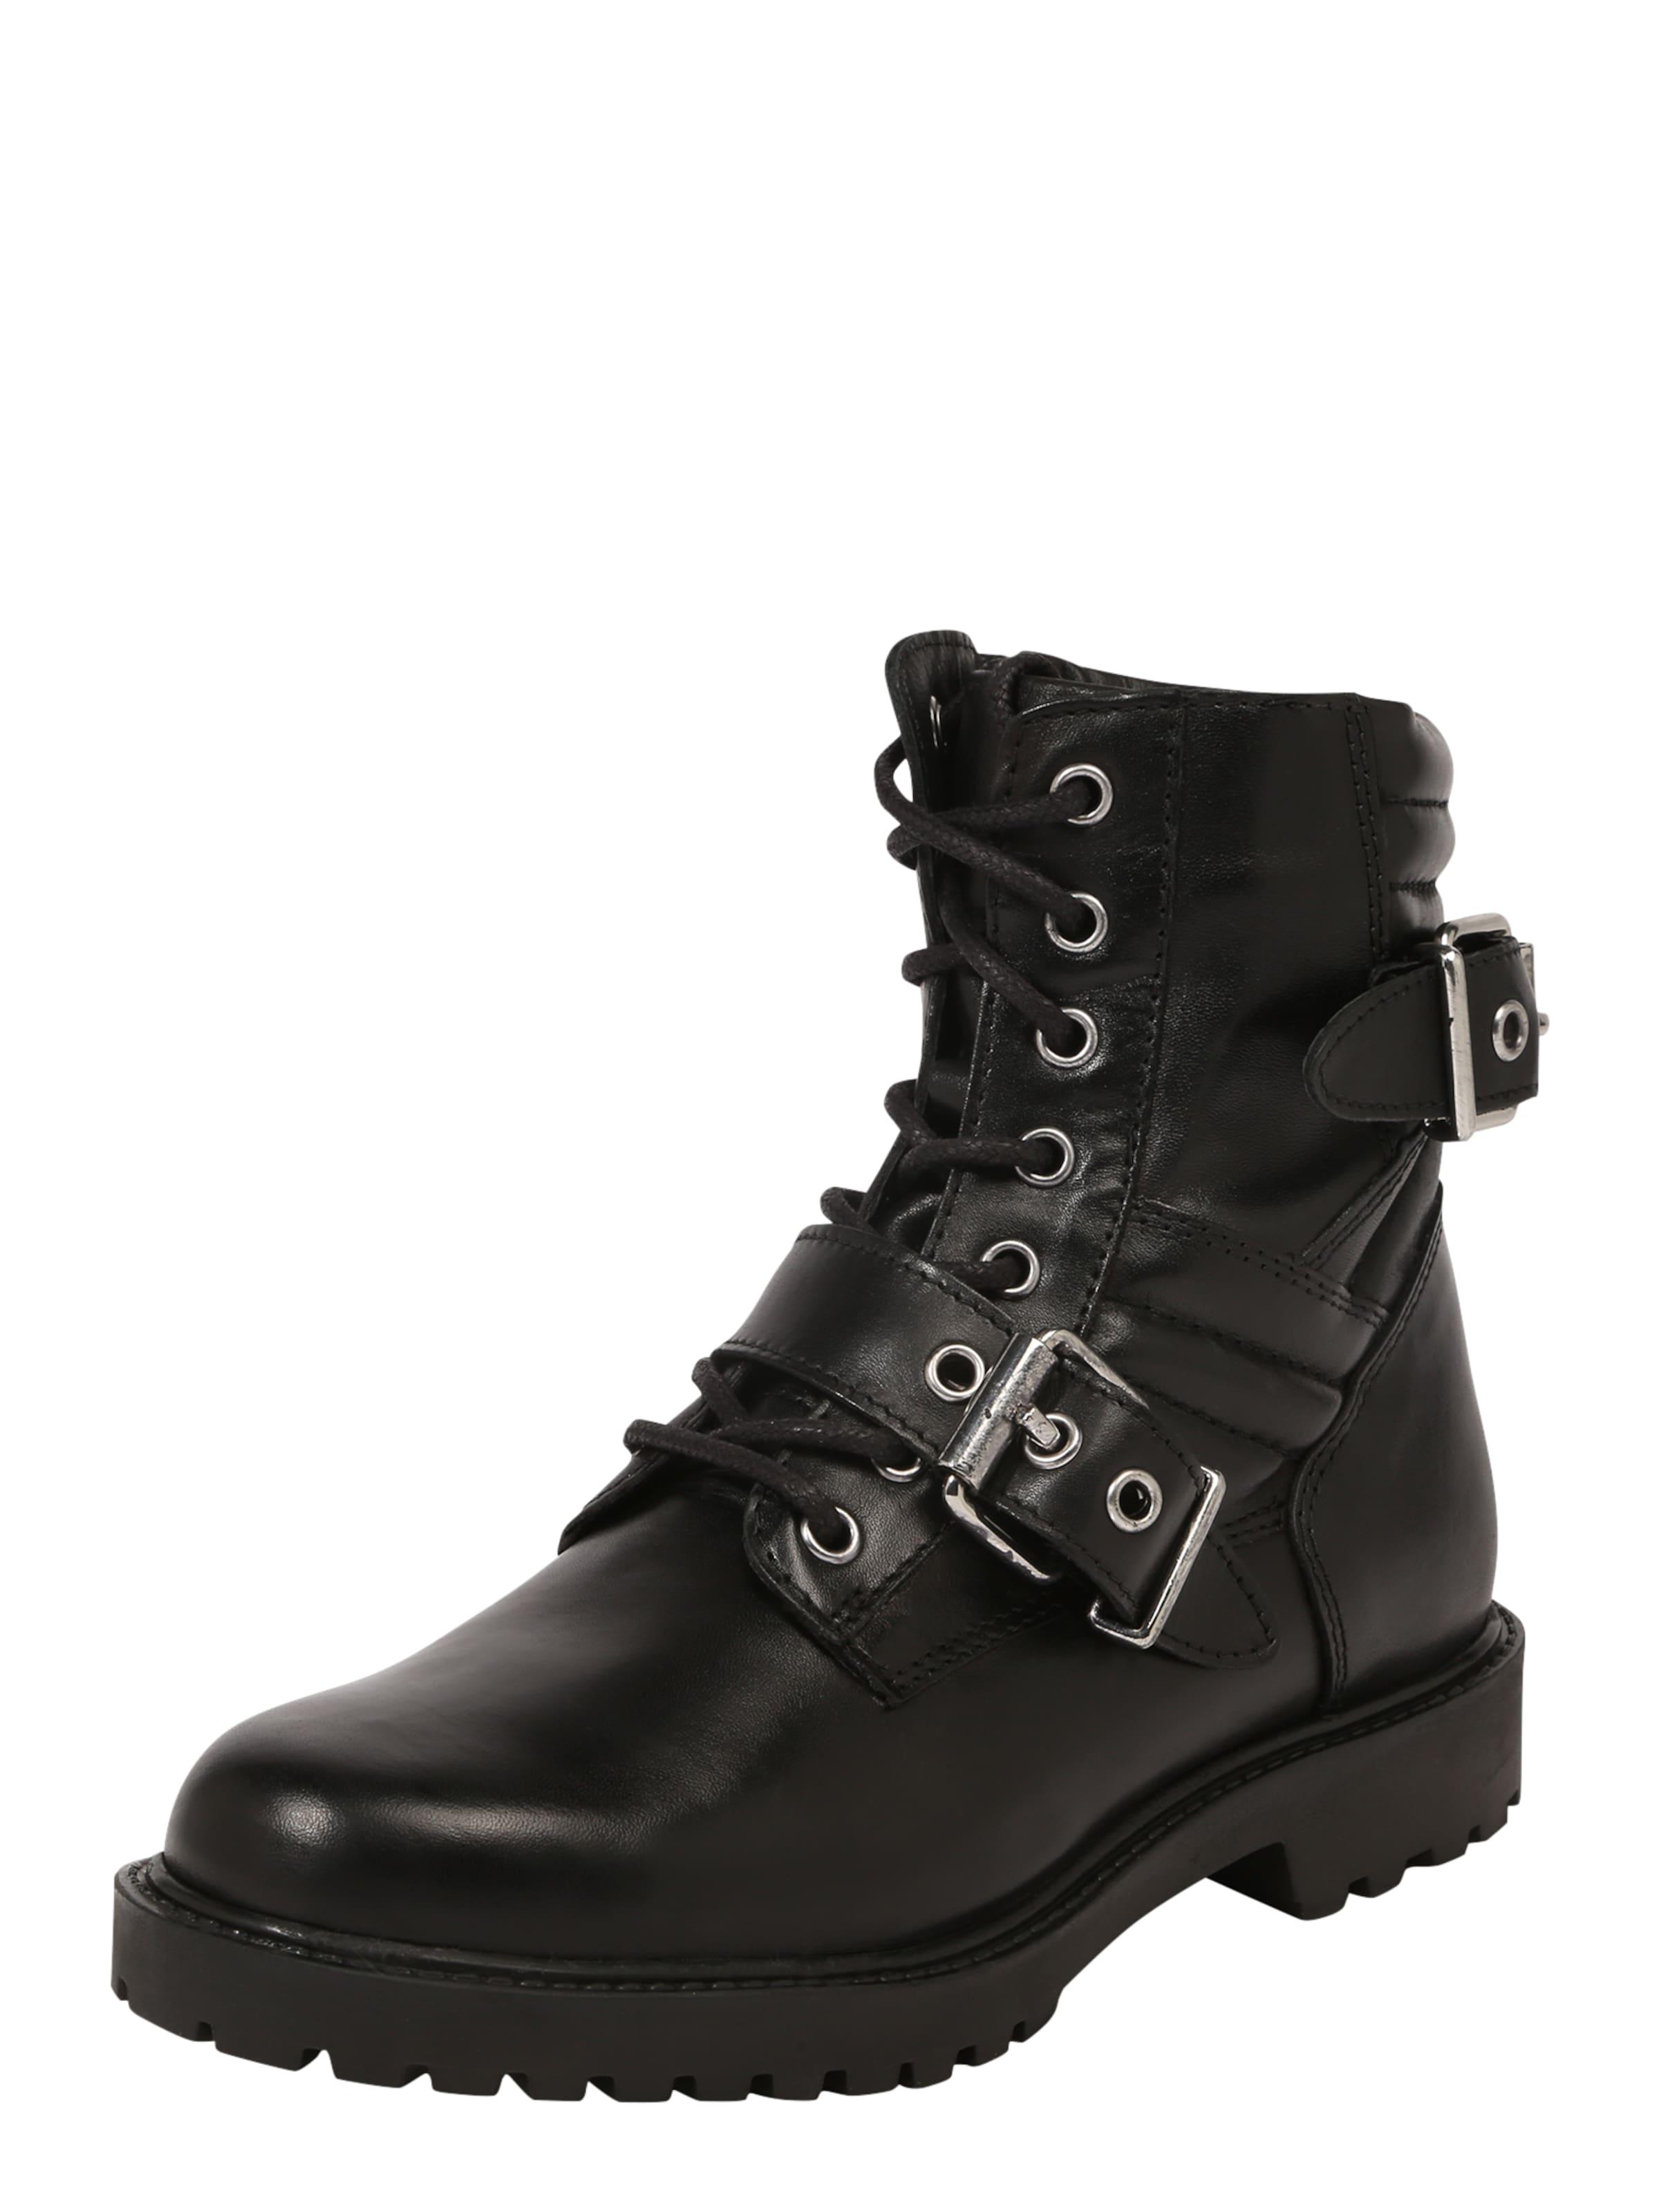 PS Poelman Schnürstiefelette Verschleißfeste billige Schuhe